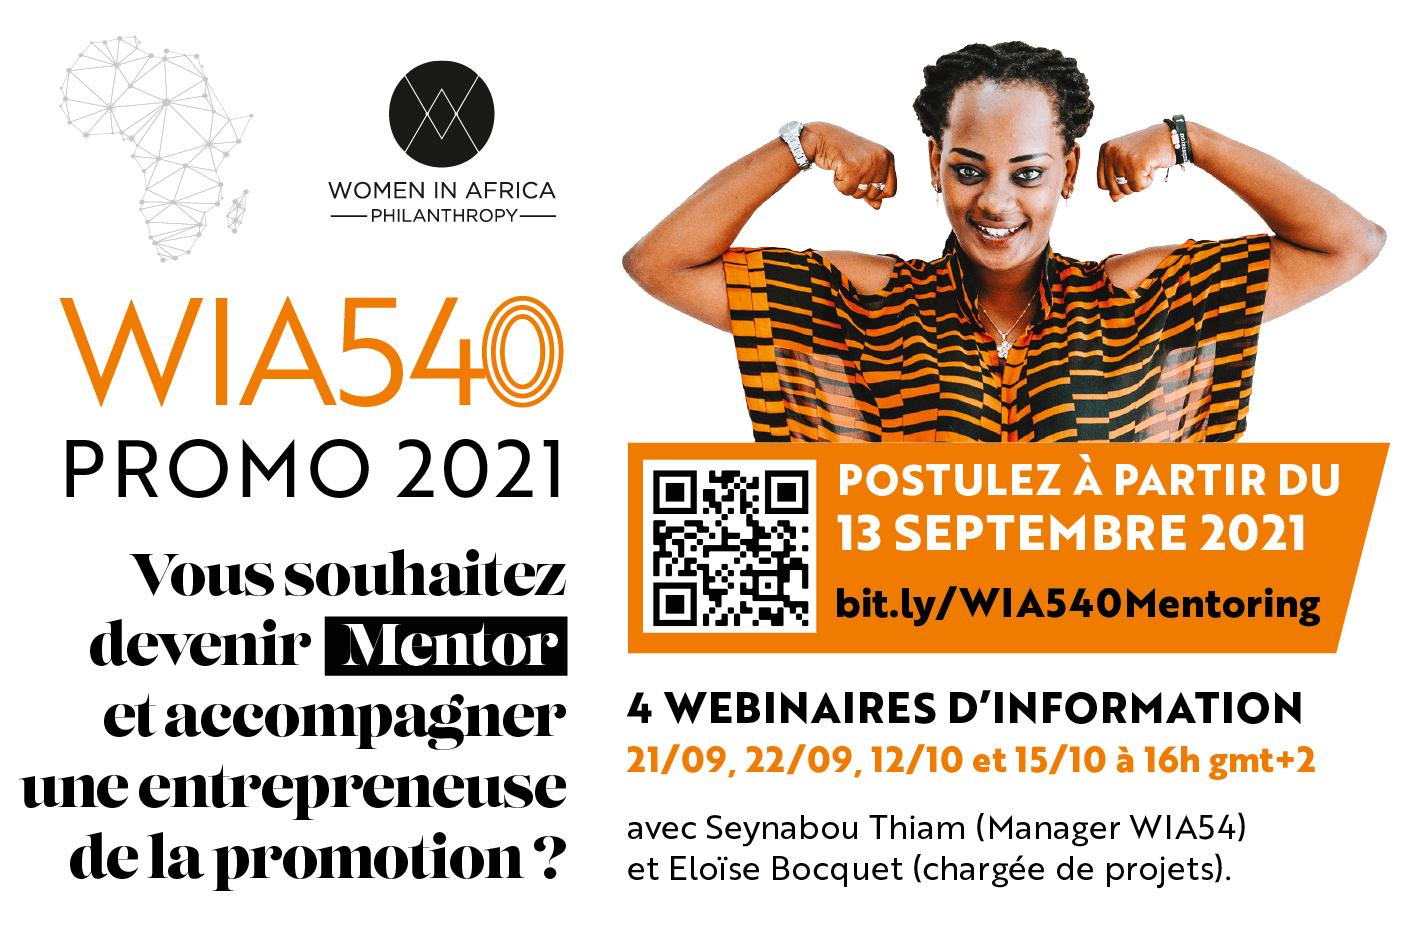 WIA540 Mentoring – Webinaires d'information – Women In Africa